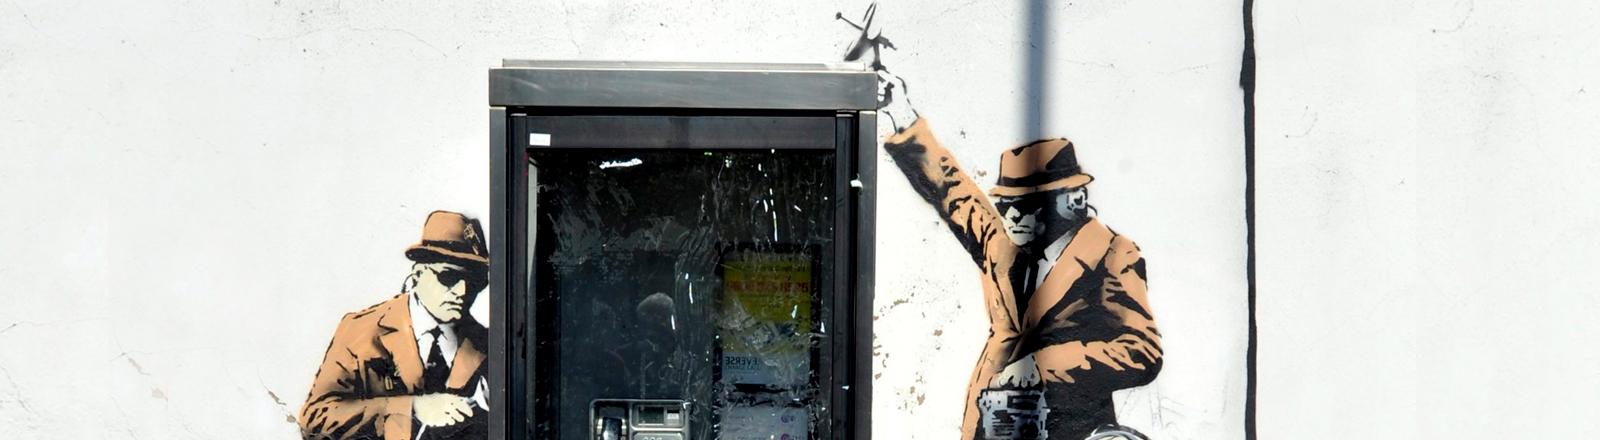 Banksy Streetart von drei Agenten, die eine Telefonzelle abhören